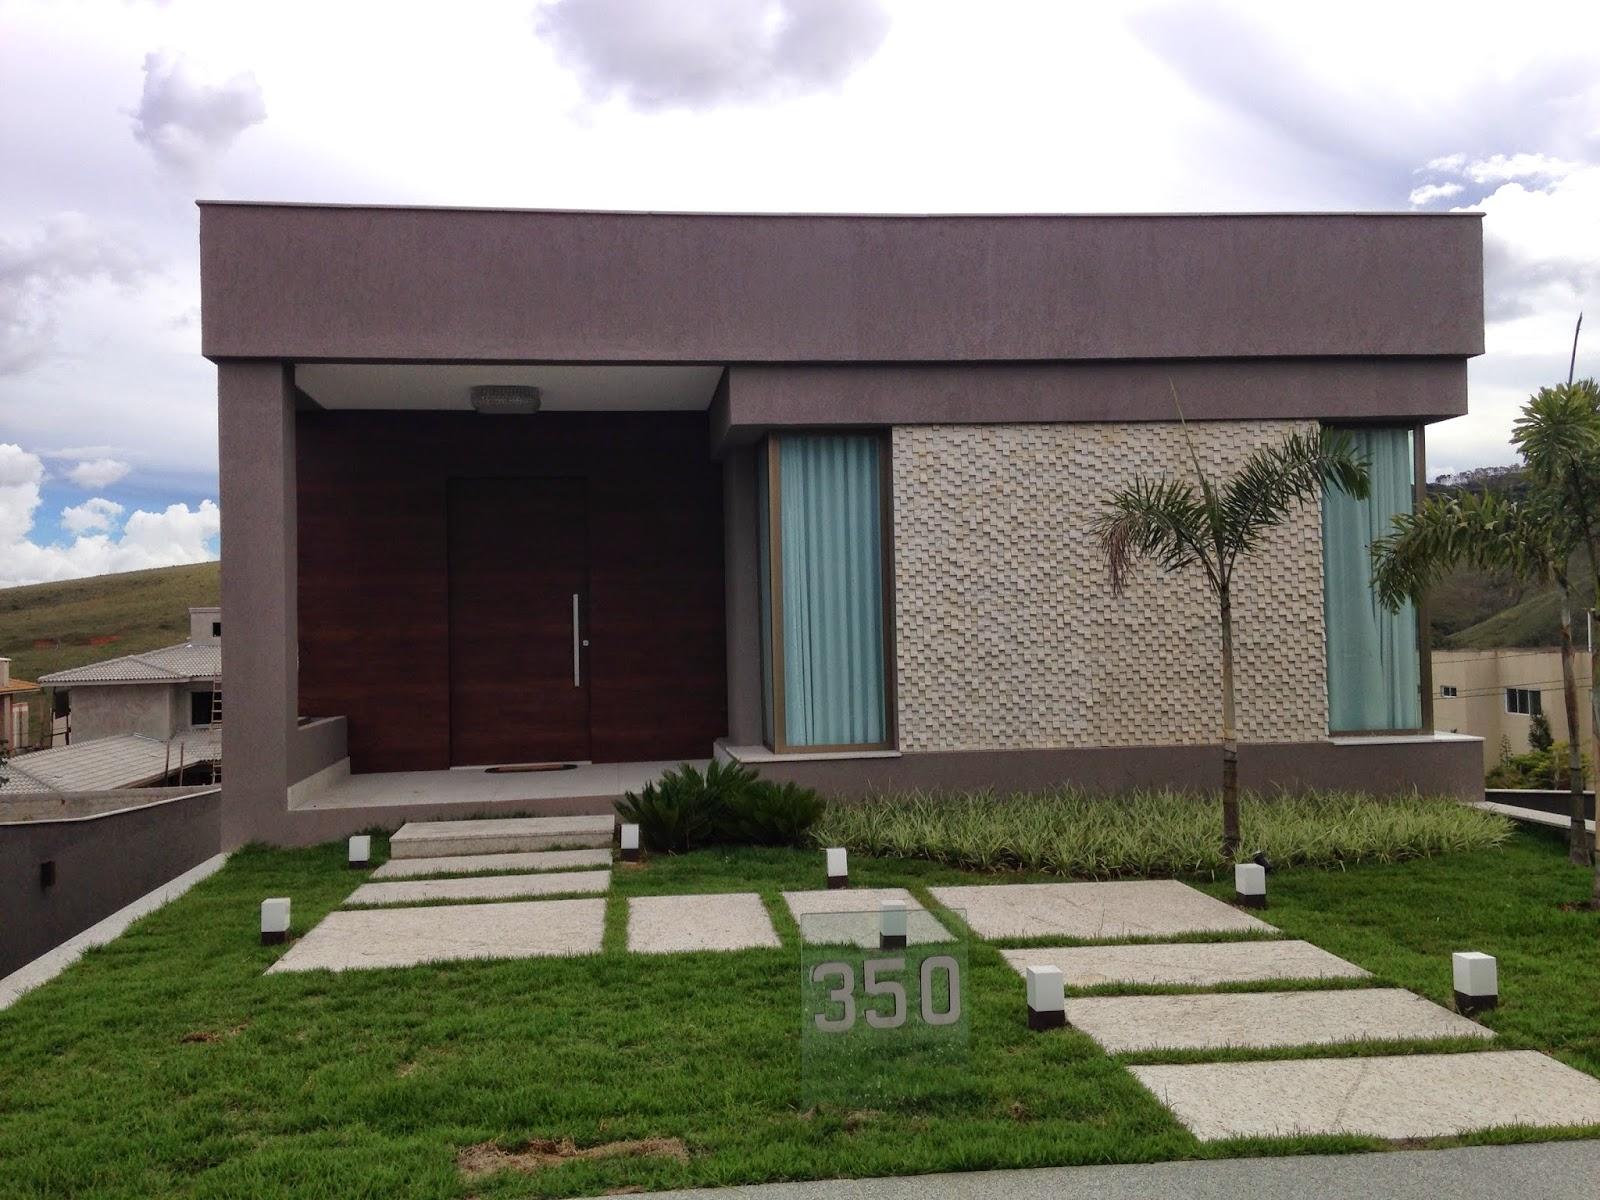 Foto reforma de casa de j b p construtora 31227 reforma - Reforma en casa ...